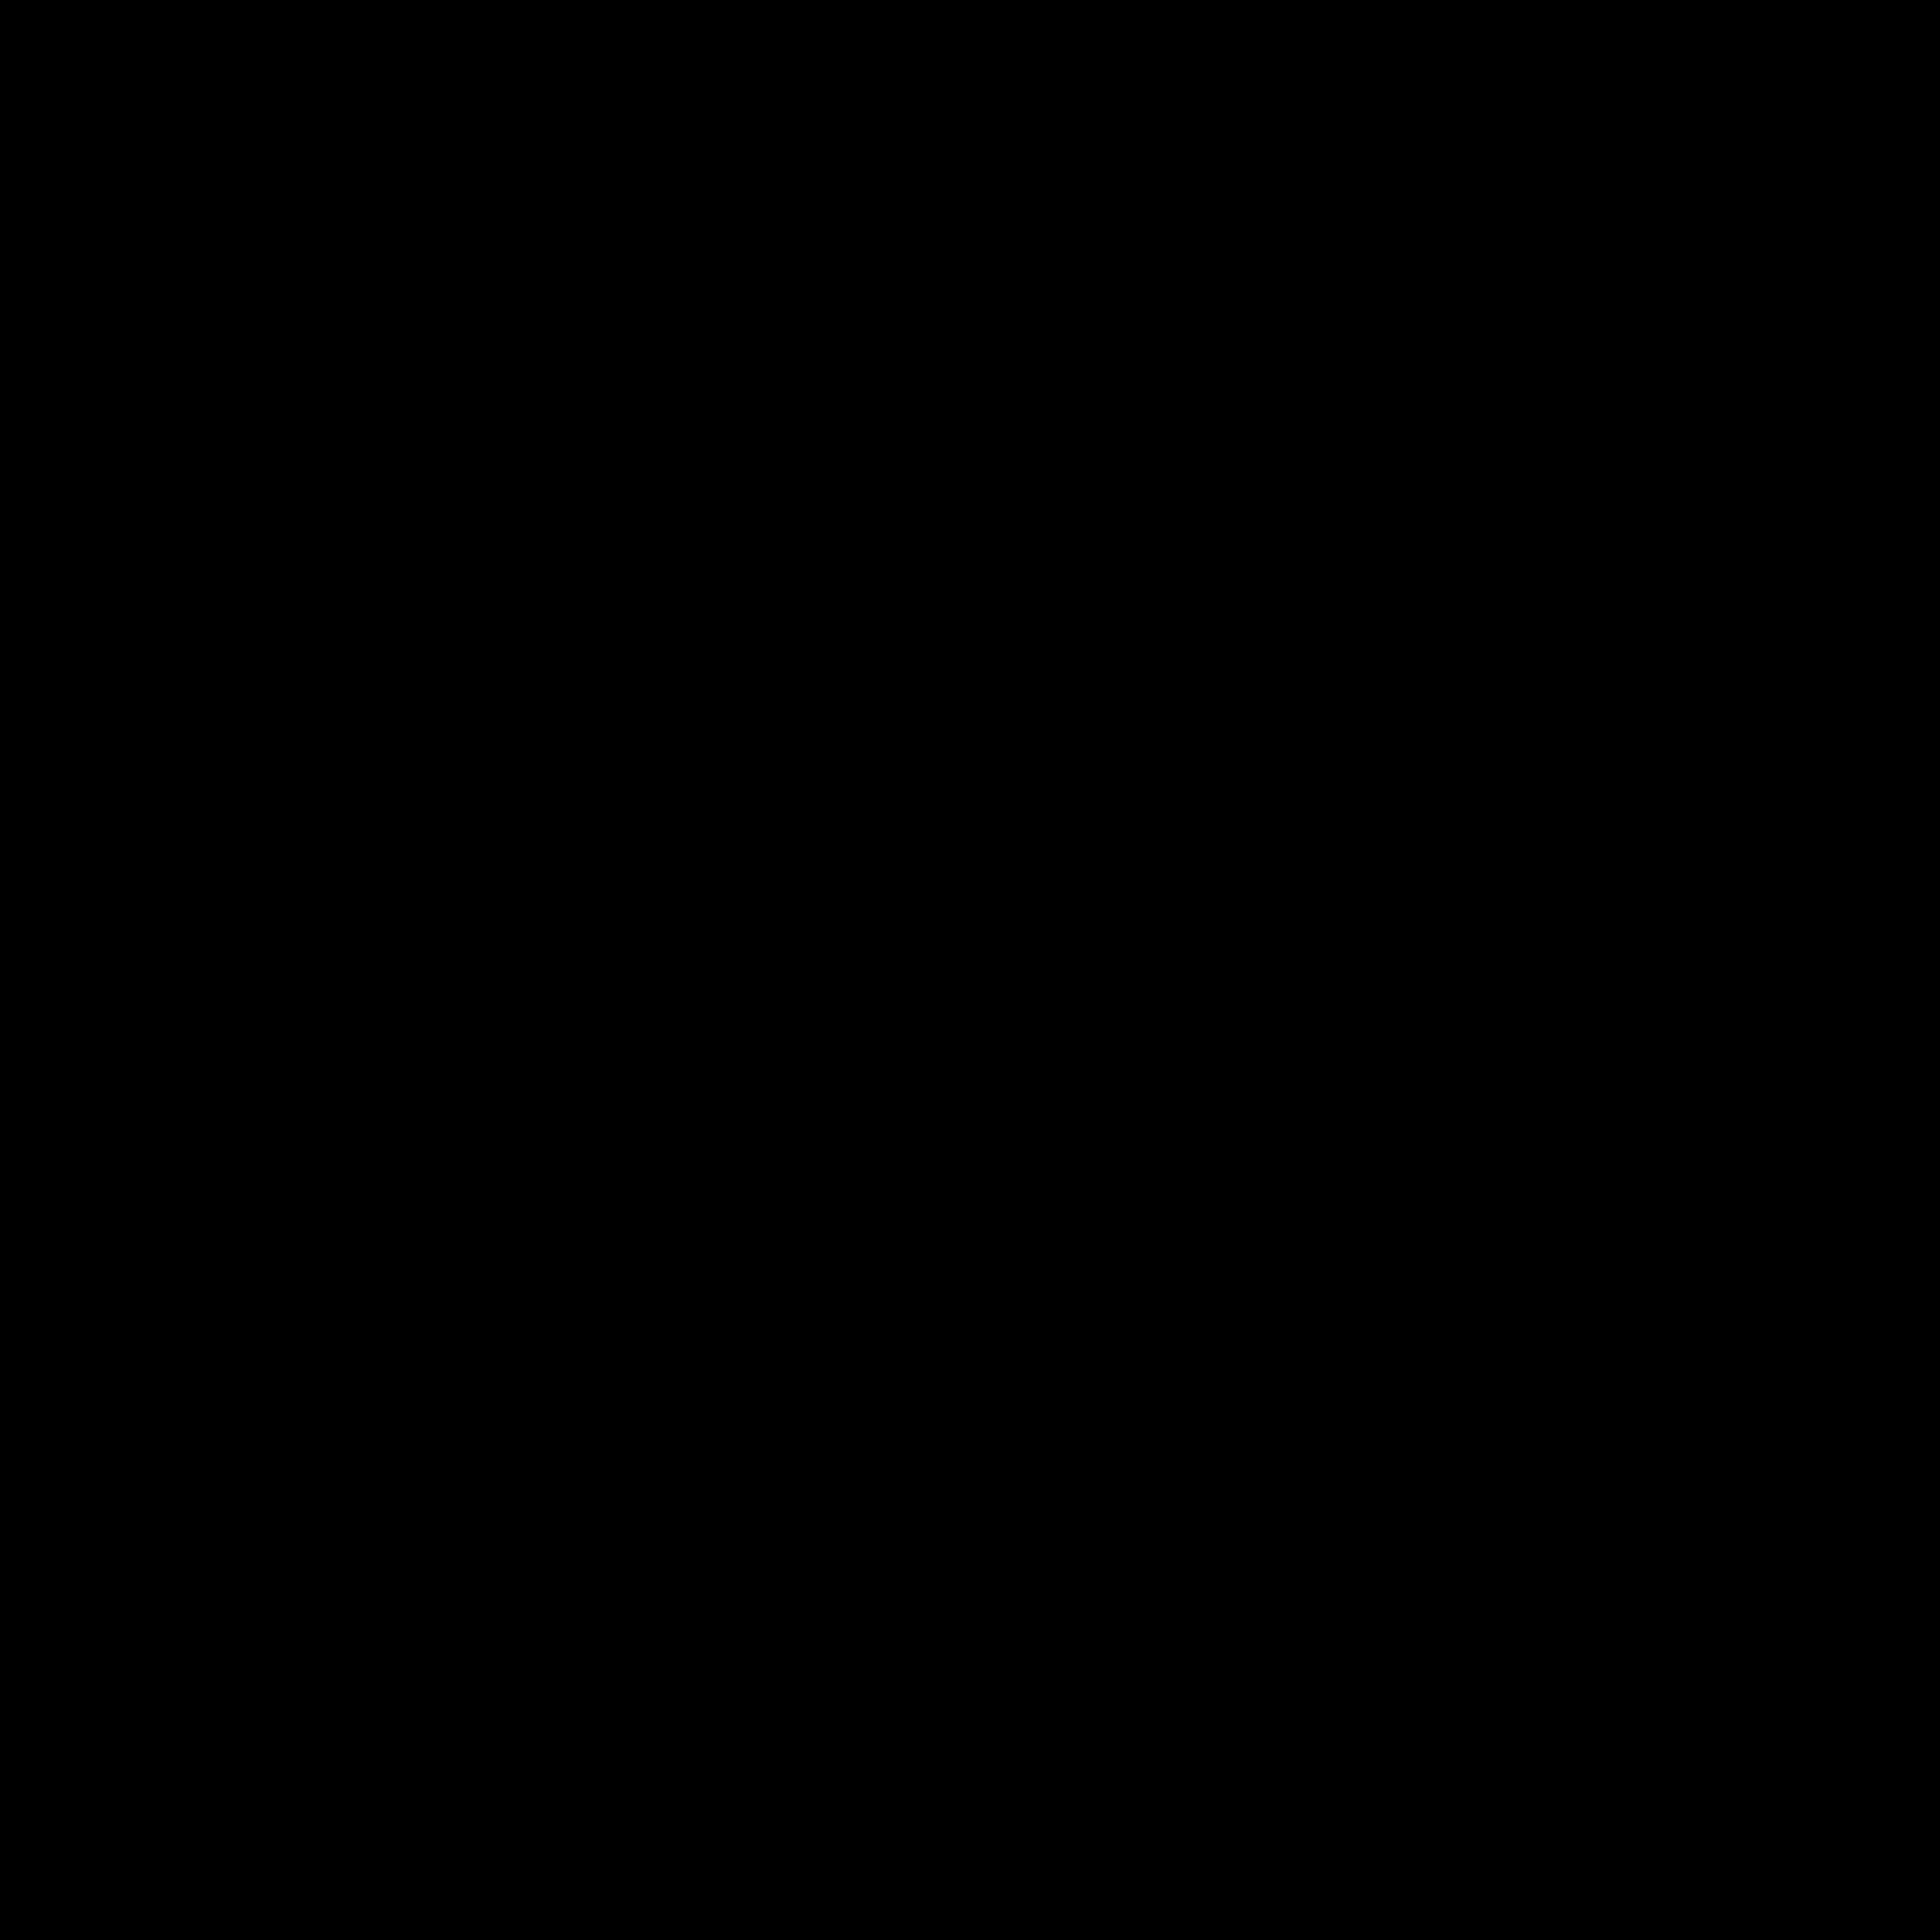 Acoustics icon